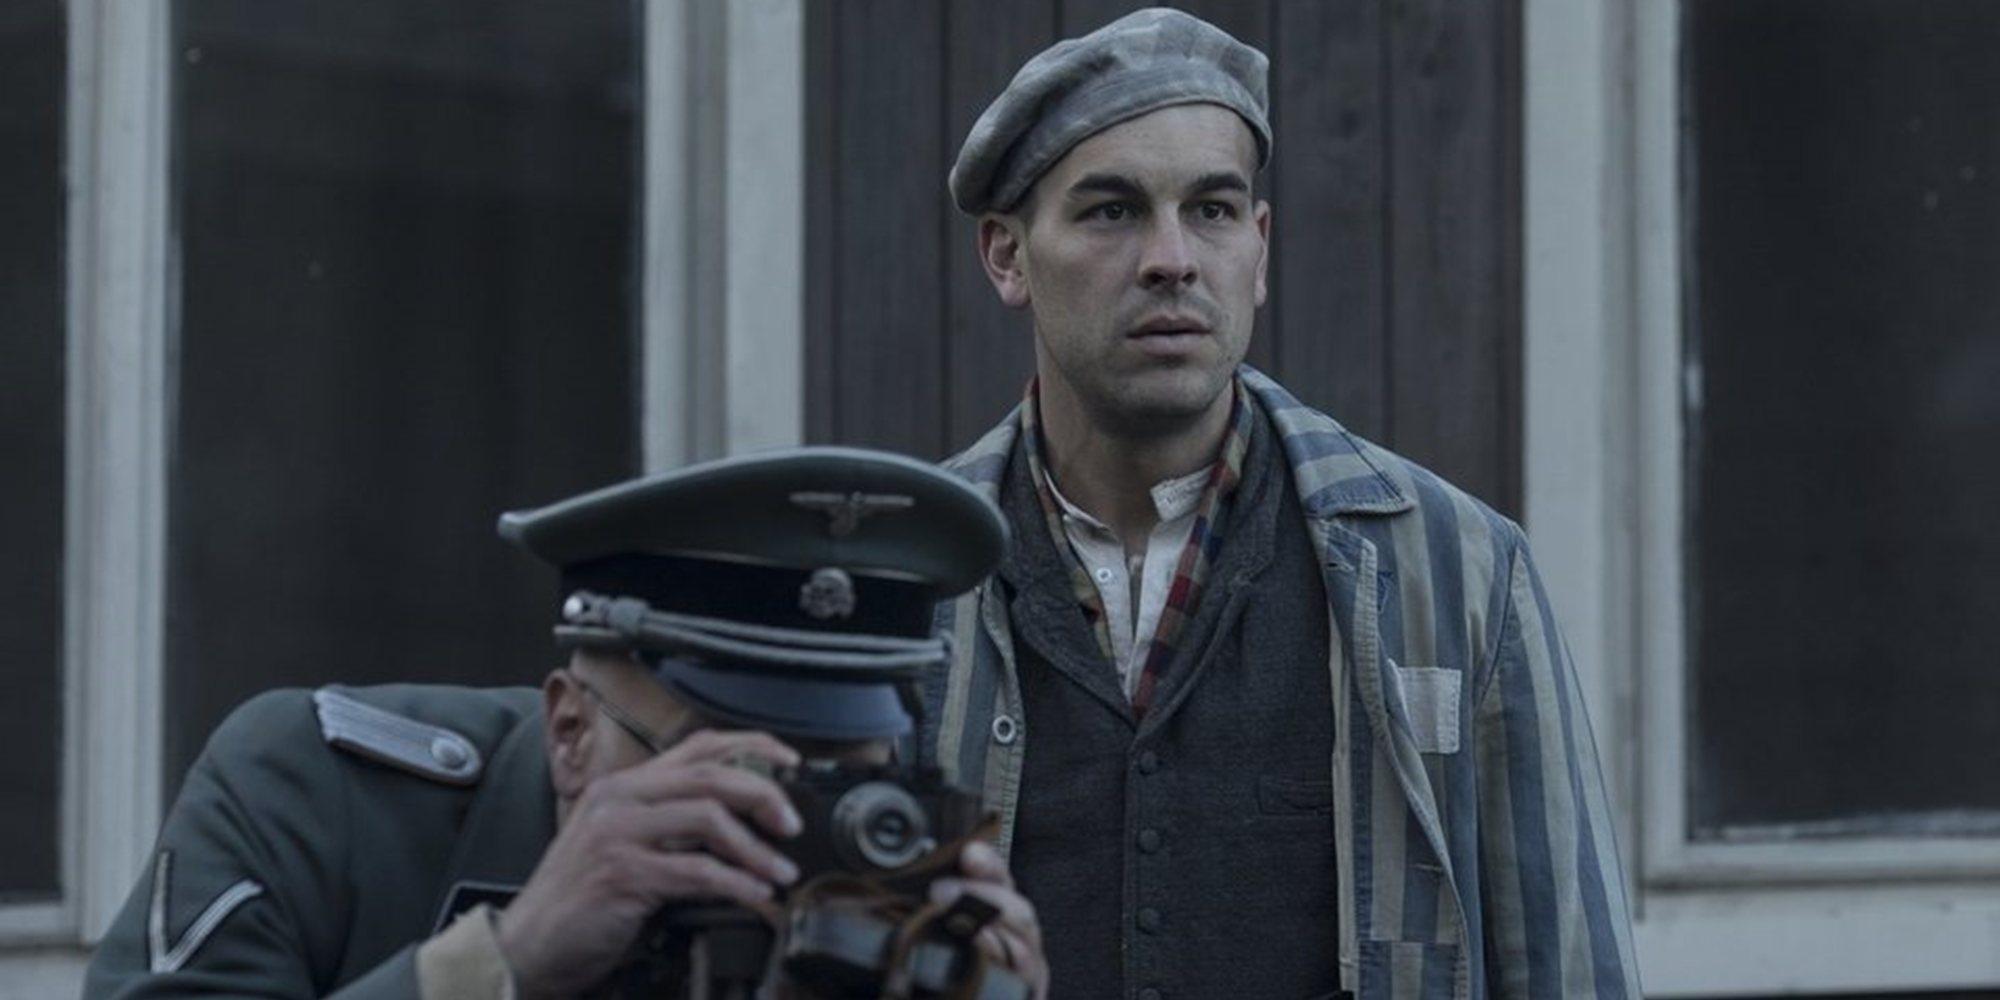 'El fotógrafo de Mauthassen' y 'La noche de Halloween' encabezan los estrenos de la semana